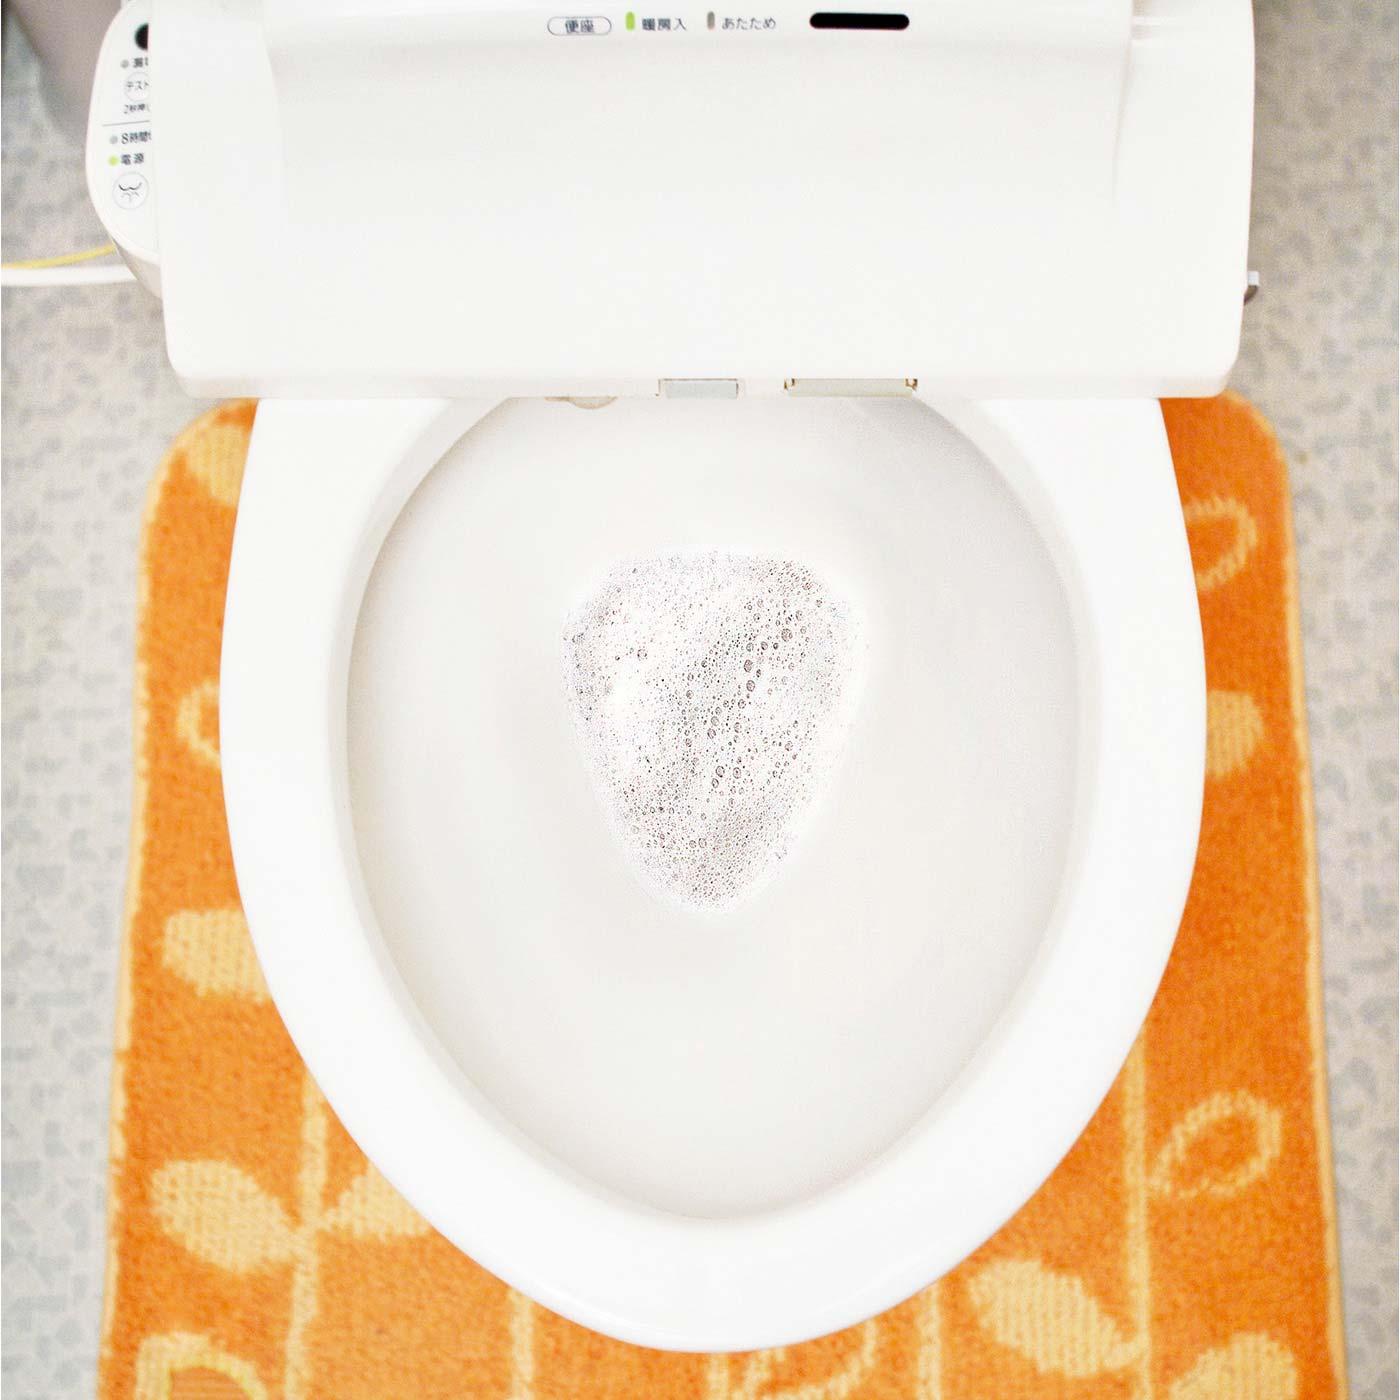 振りかけておくだけでお掃除完了。こすらなくてもお掃除上手。